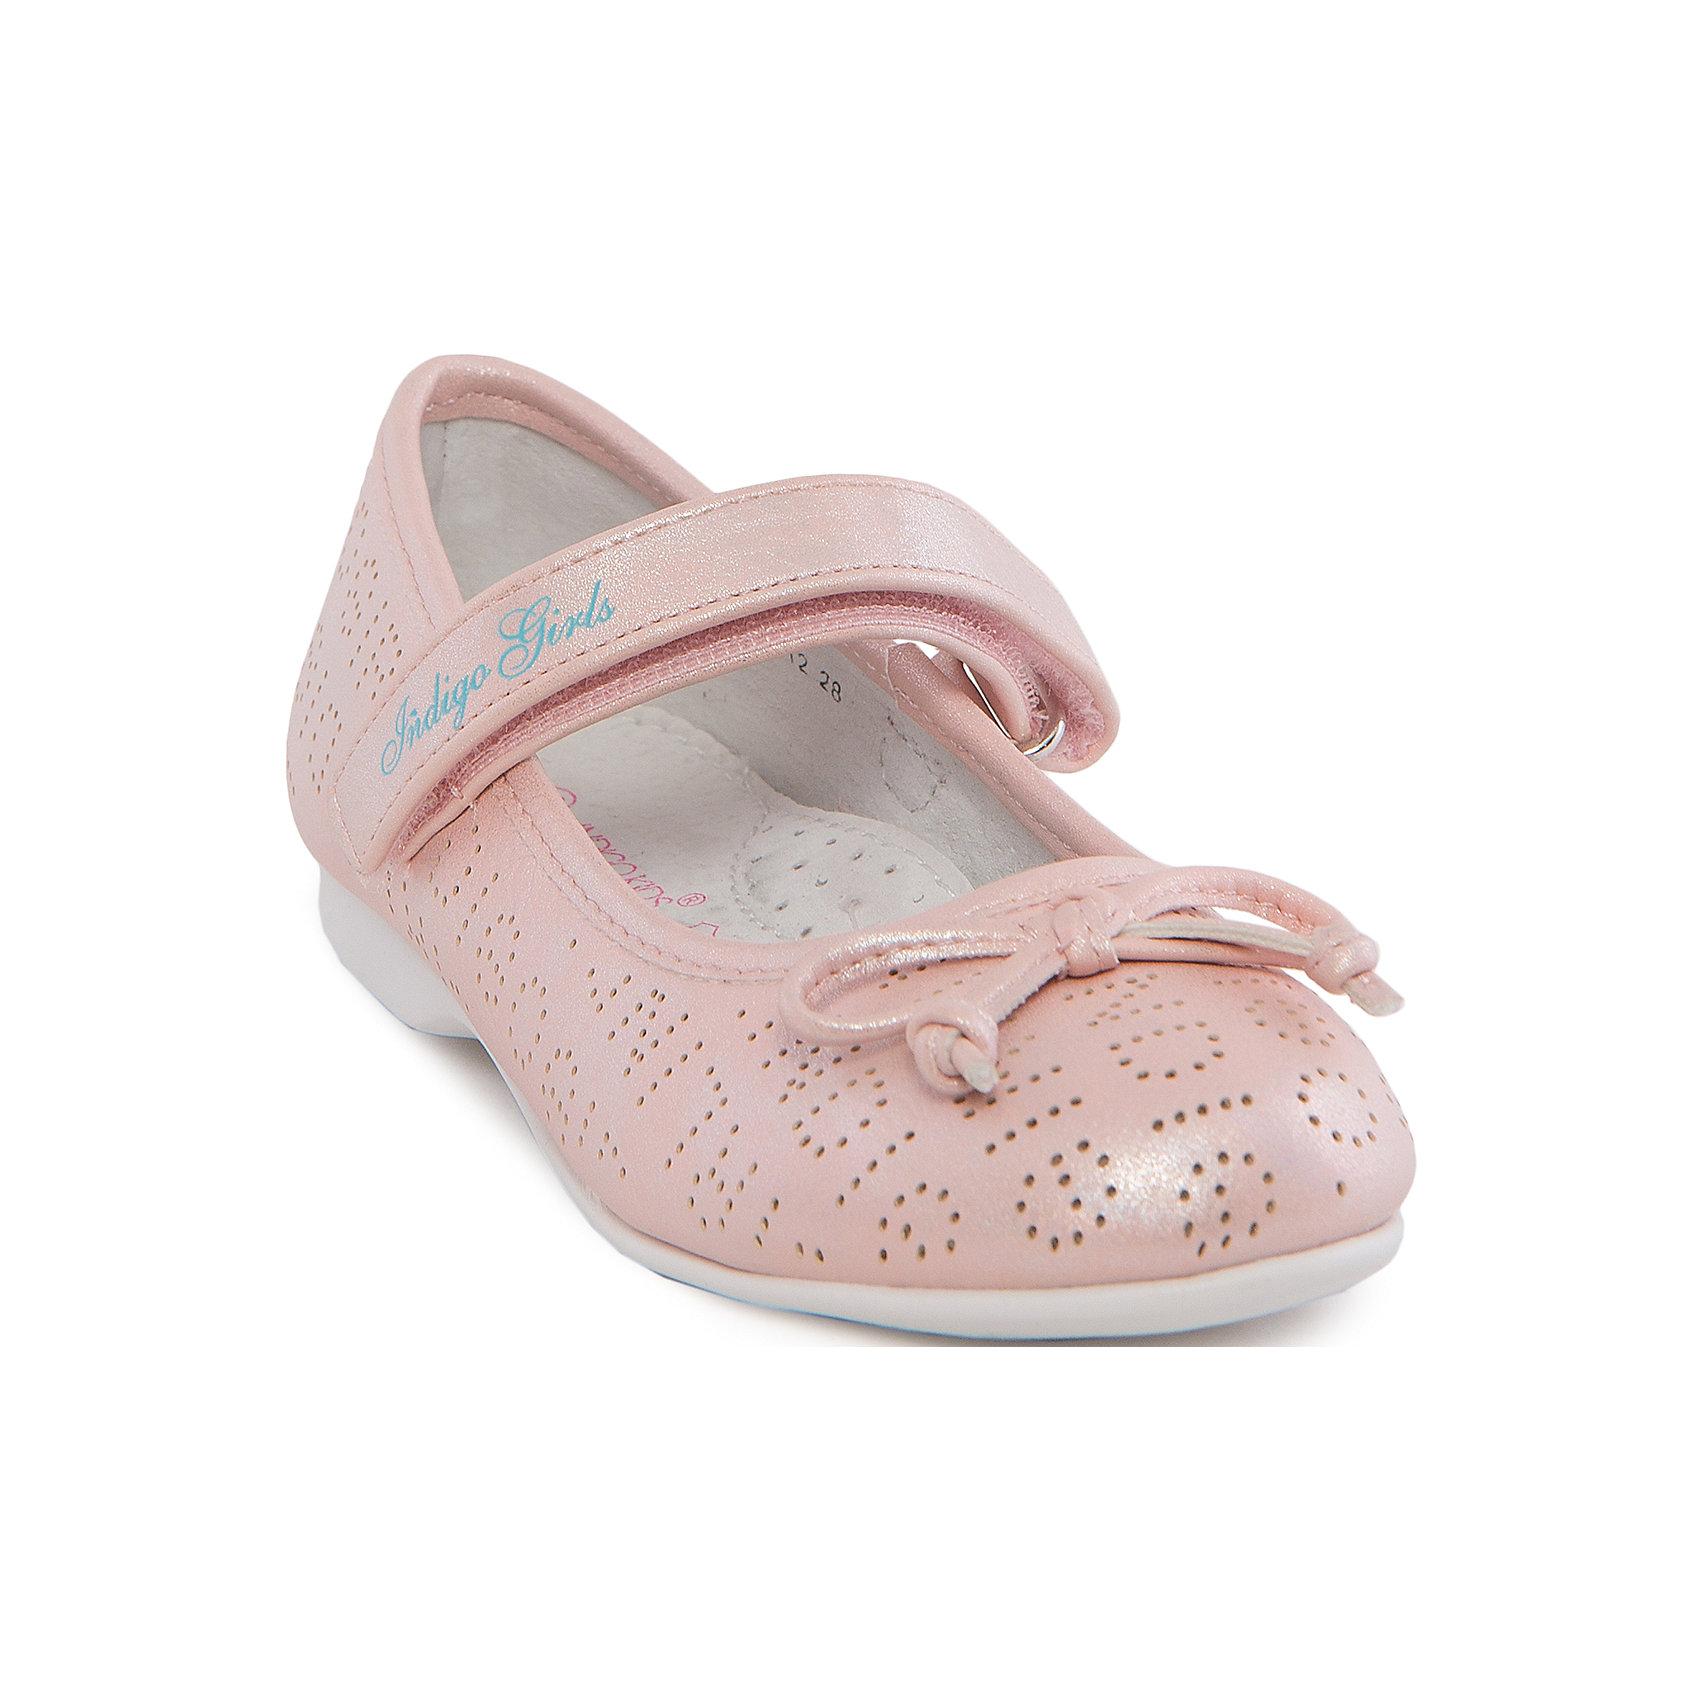 Туфли для девочки Indigo kidsТуфли<br>Туфли для девочки от известного бренда Indigo kids.<br><br>Модные блестящие туфли отлично подойдут к праздничному платью, а также помогут оживить даже повседневный наряд. Они легко надеваются, комфортно садятся по ноге. <br><br>Особенности модели:<br><br>- цвет: розовый;<br>- стильный дизайн;<br>- удобная колодка;<br>- подкладка из натуральной кожи;<br>- перфорация в передней части изделия, обеспечивающая вентиляцию;<br>- украшение - бант из кожи;<br>- устойчивая нескользящая подошва;<br>- застежка - липучка.<br><br>Дополнительная информация:<br><br>Состав:<br><br>верх – искусственная кожа;<br>подкладка - натуральная кожа;<br>подошва - ТЭП.<br><br>Туфли для девочки Indigo kids (Индиго Кидс) можно купить в нашем магазине.<br><br>Ширина мм: 227<br>Глубина мм: 145<br>Высота мм: 124<br>Вес г: 325<br>Цвет: розовый<br>Возраст от месяцев: 96<br>Возраст до месяцев: 108<br>Пол: Женский<br>Возраст: Детский<br>Размер: 32,28,33,31,30,29<br>SKU: 4519873